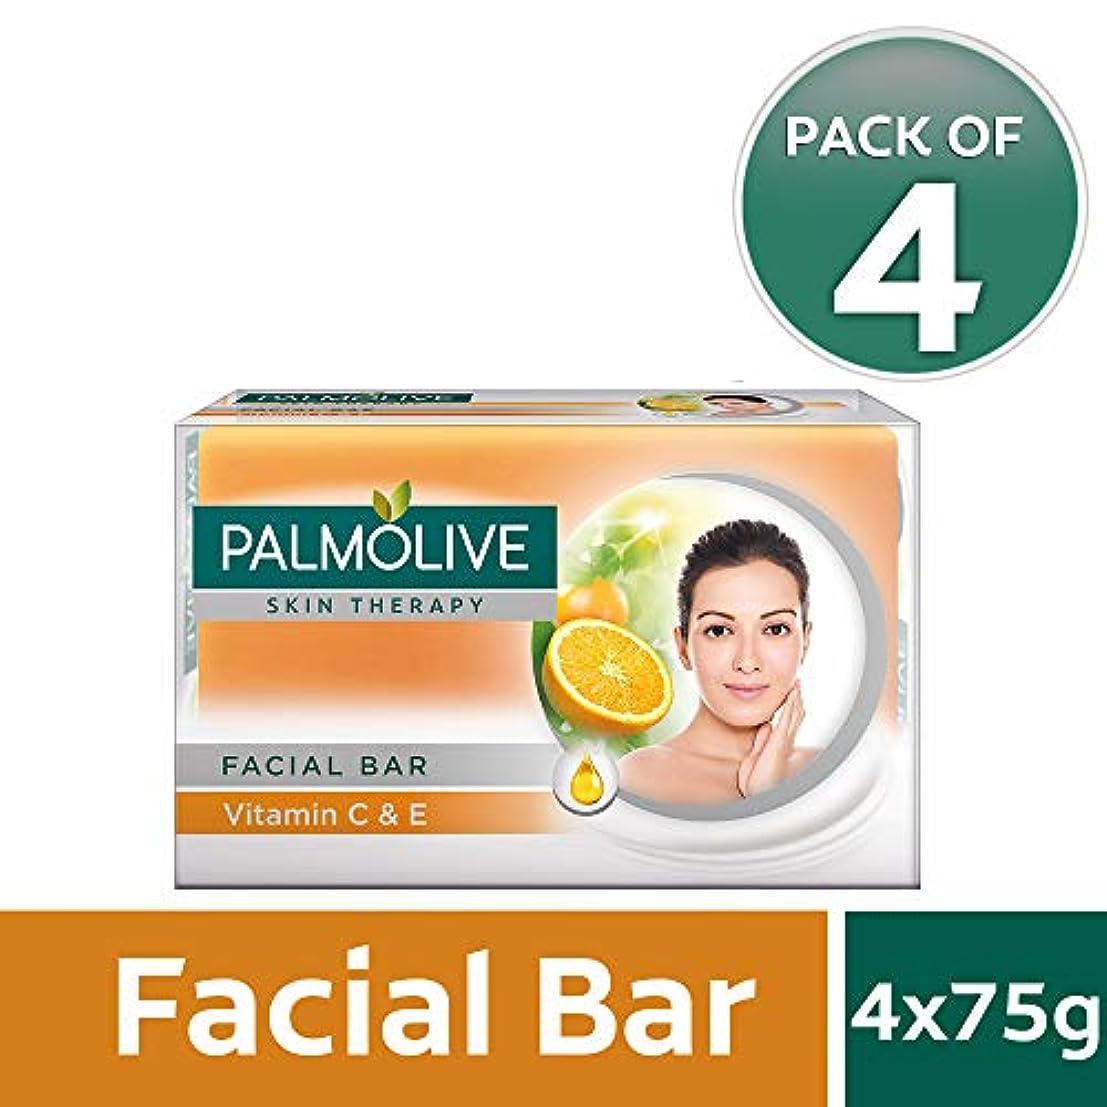 冷酷な特異な遺伝的Palmolive Skin Therapy Facial Bar Soap with Vitamin C and E - 75g (Pack of 4)